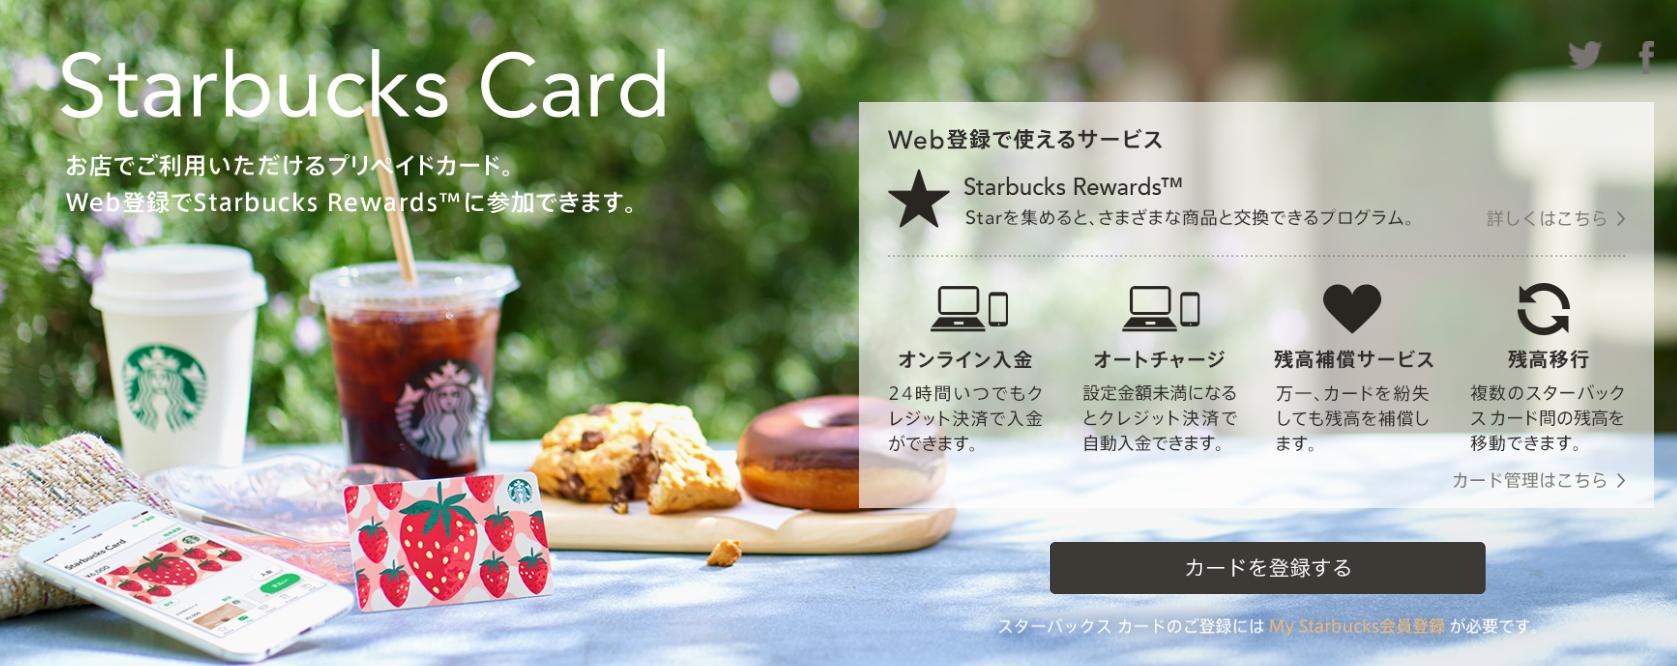 スターバックスカードにはクレジットカードで入金しよう